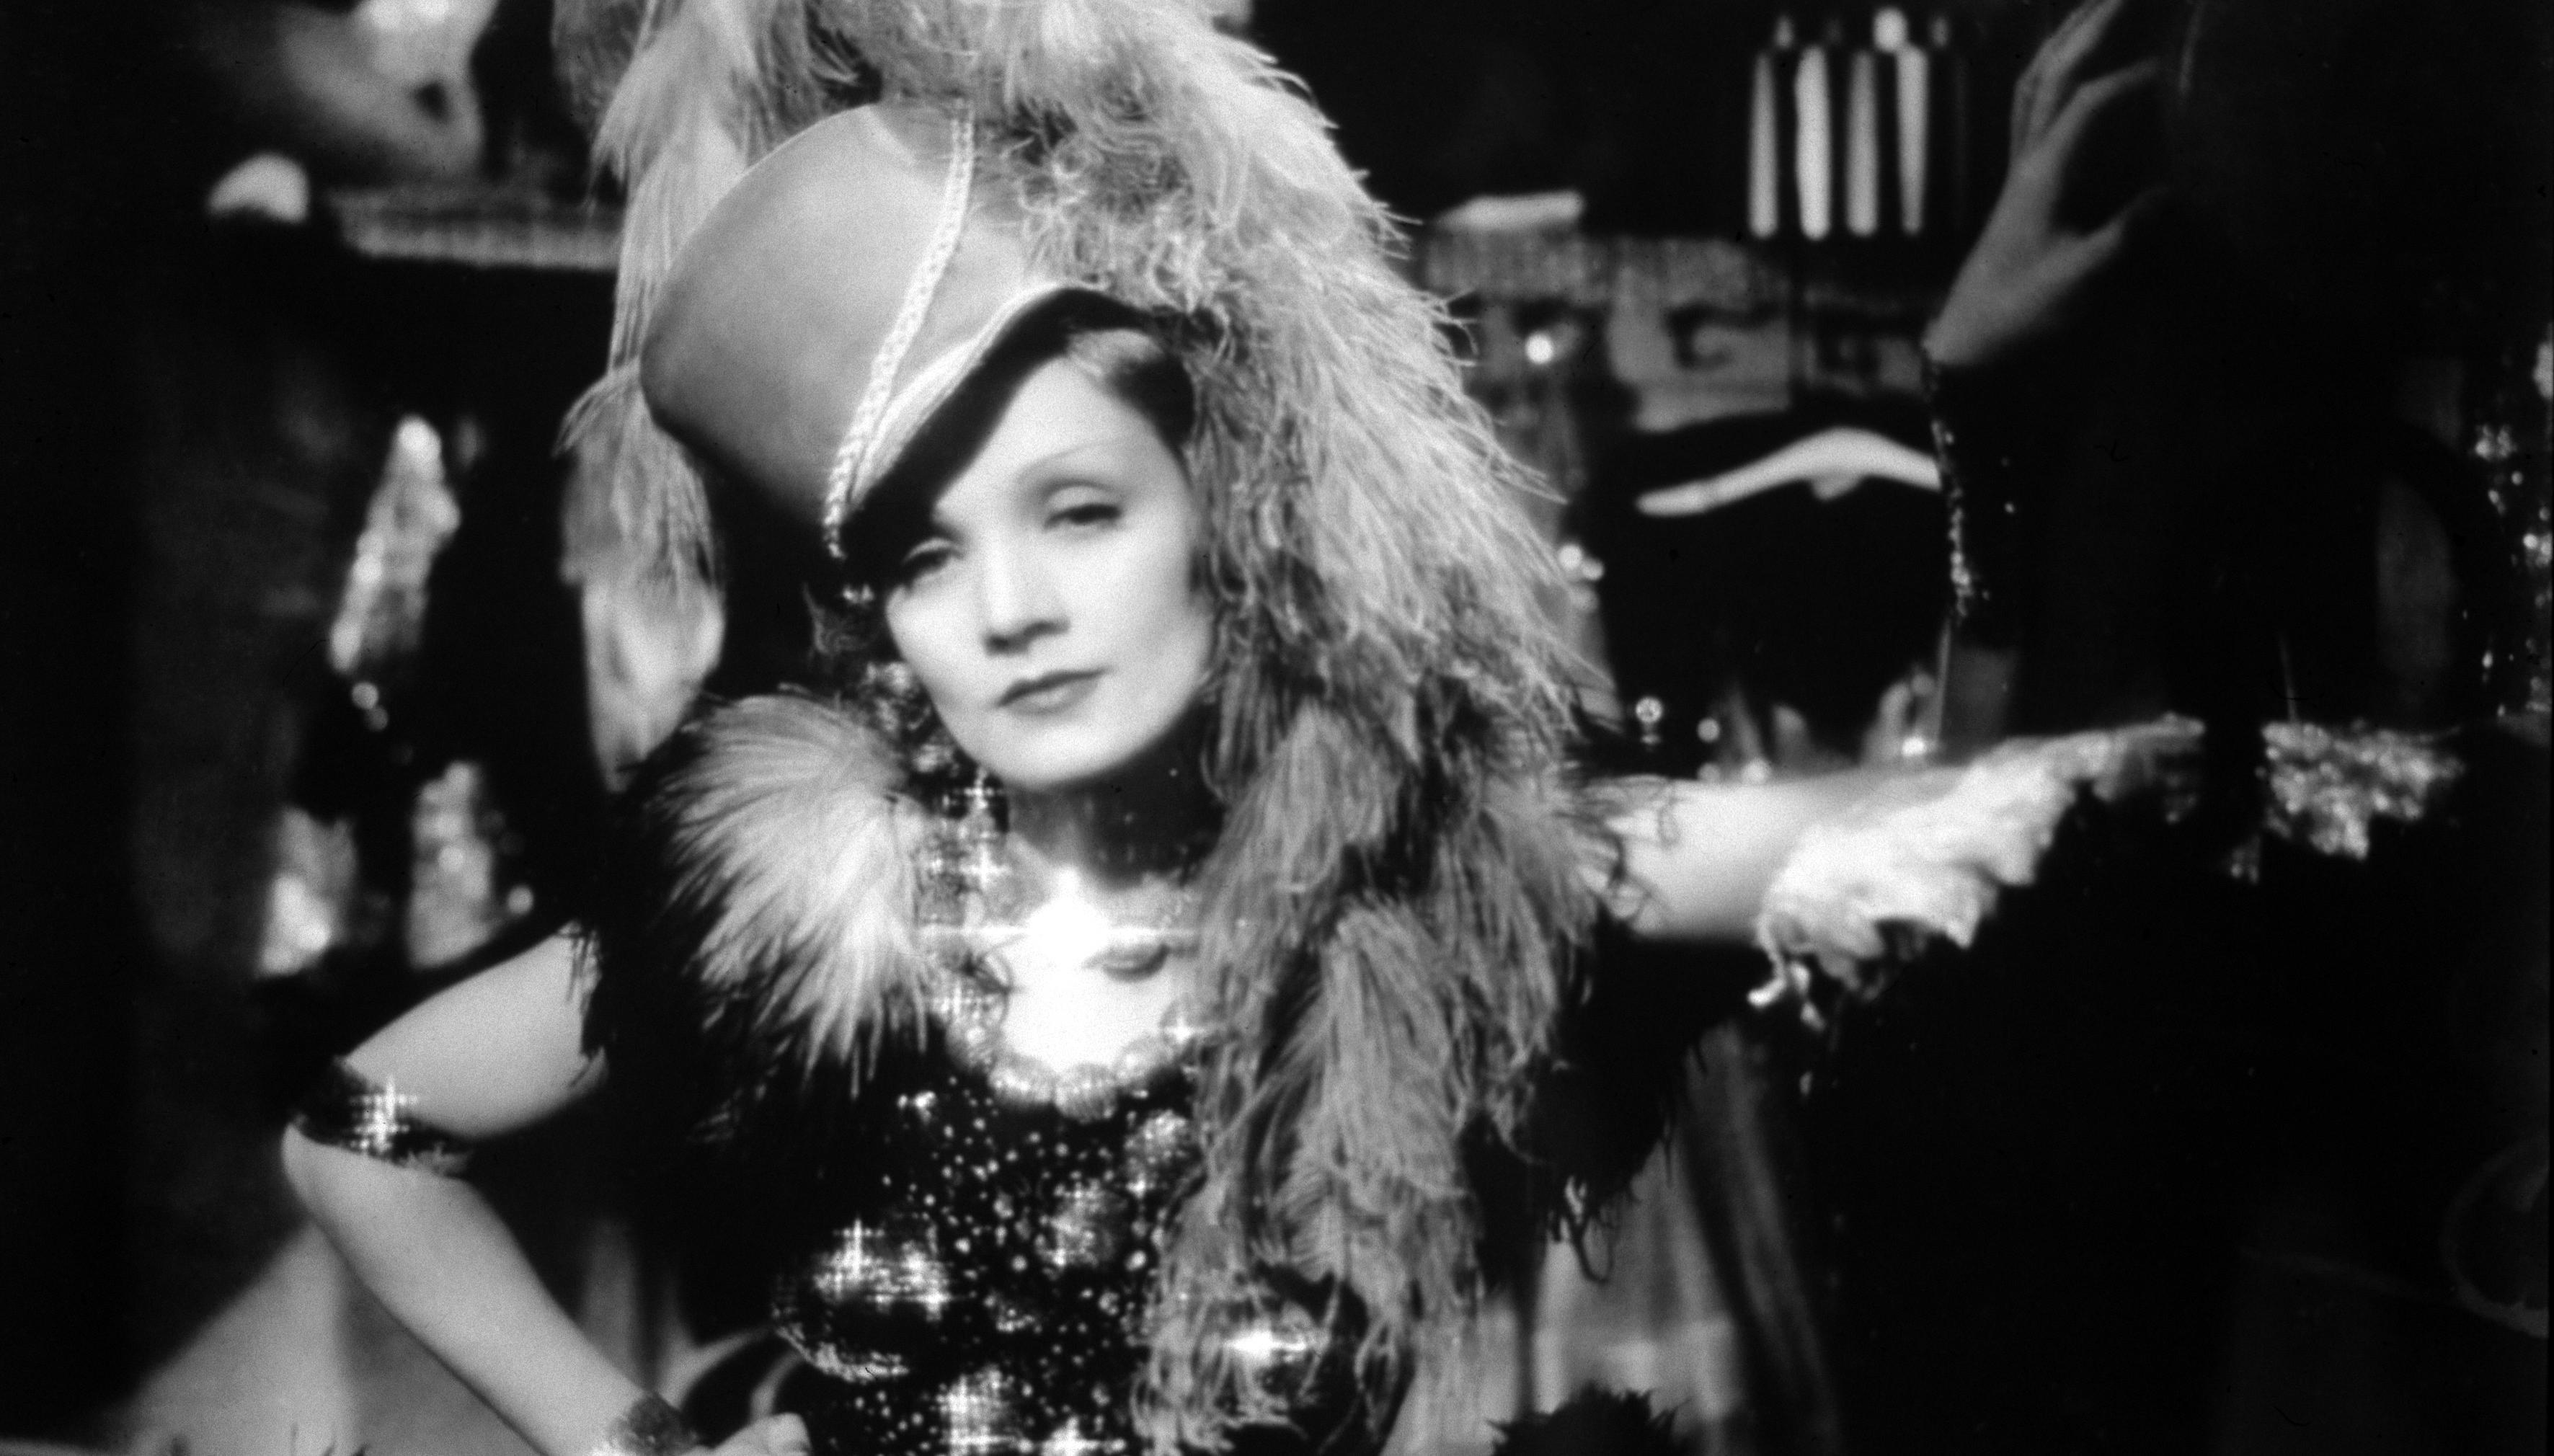 lapresse - sacchi - Marlene Dietrich